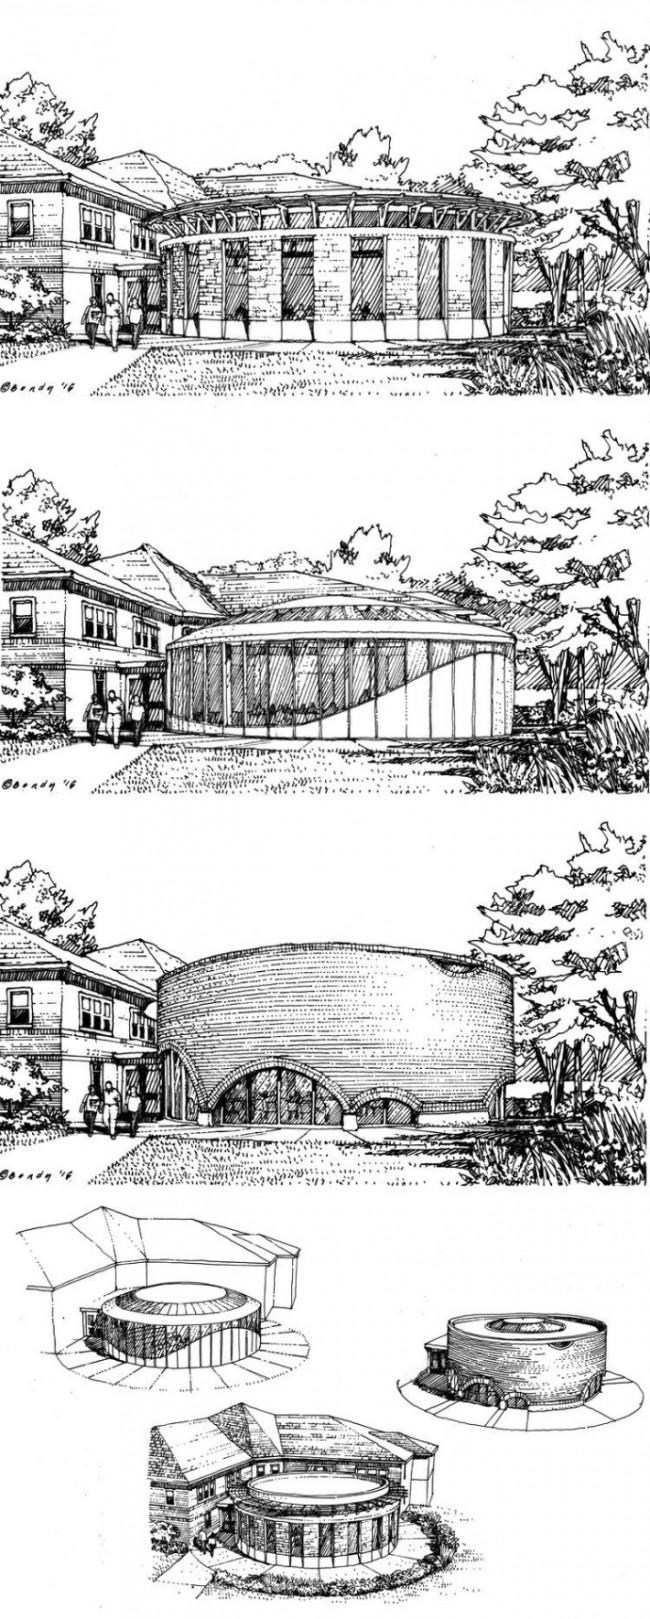 系列建筑景观效果图彩铅手绘教程图片 室外建筑景观效果图怎么画 步骤画法_www.youyix.com